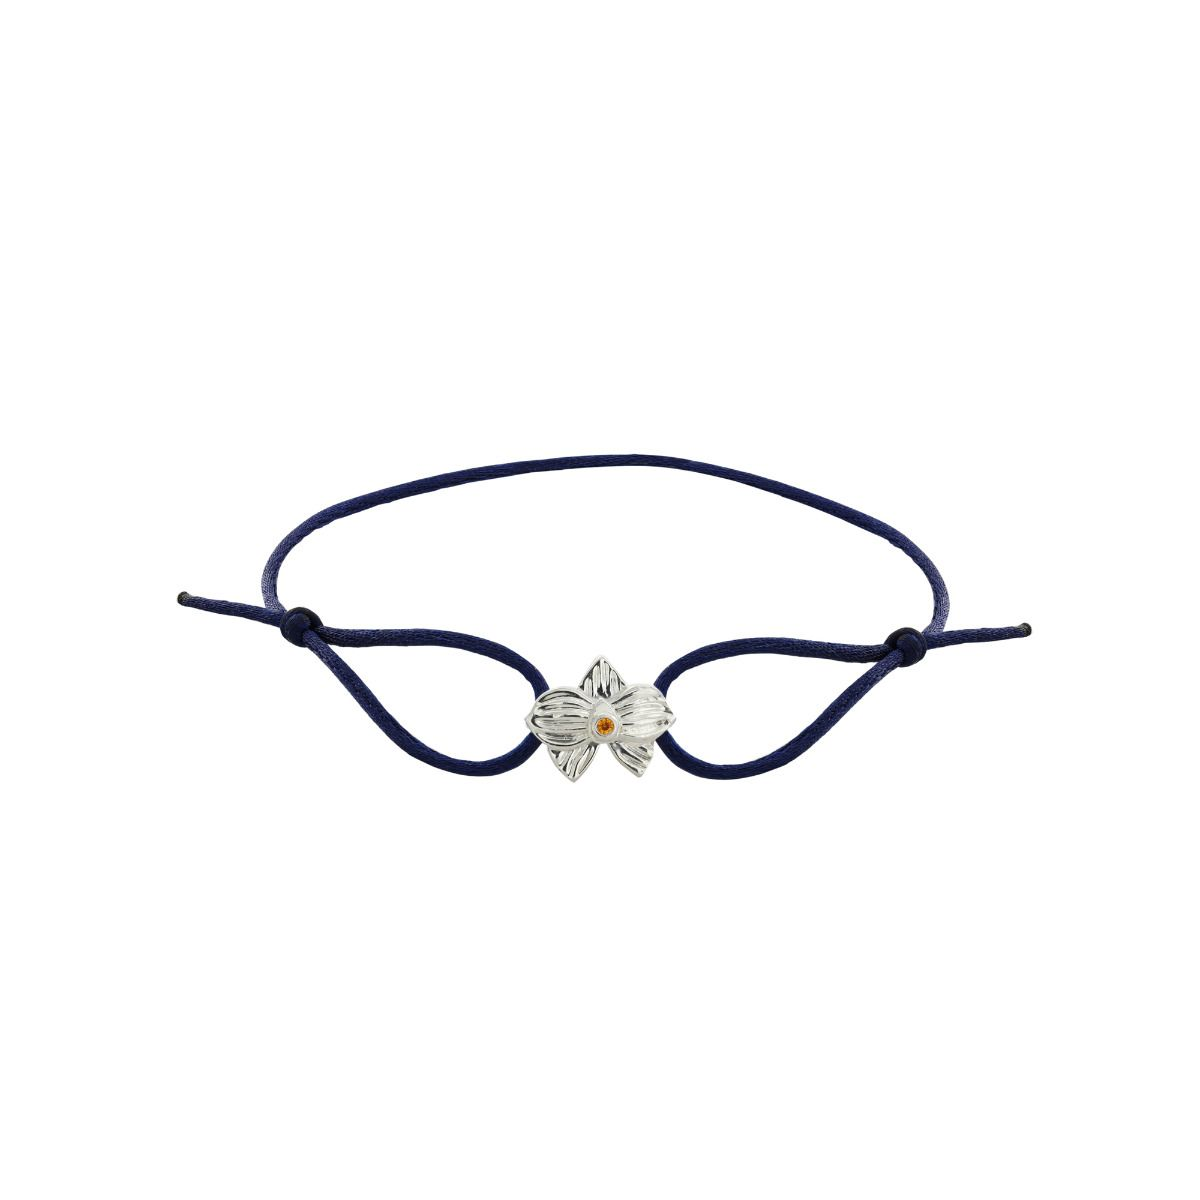 Allyn's Orchard Sterling Silver Blue Silk Cord Bracelet